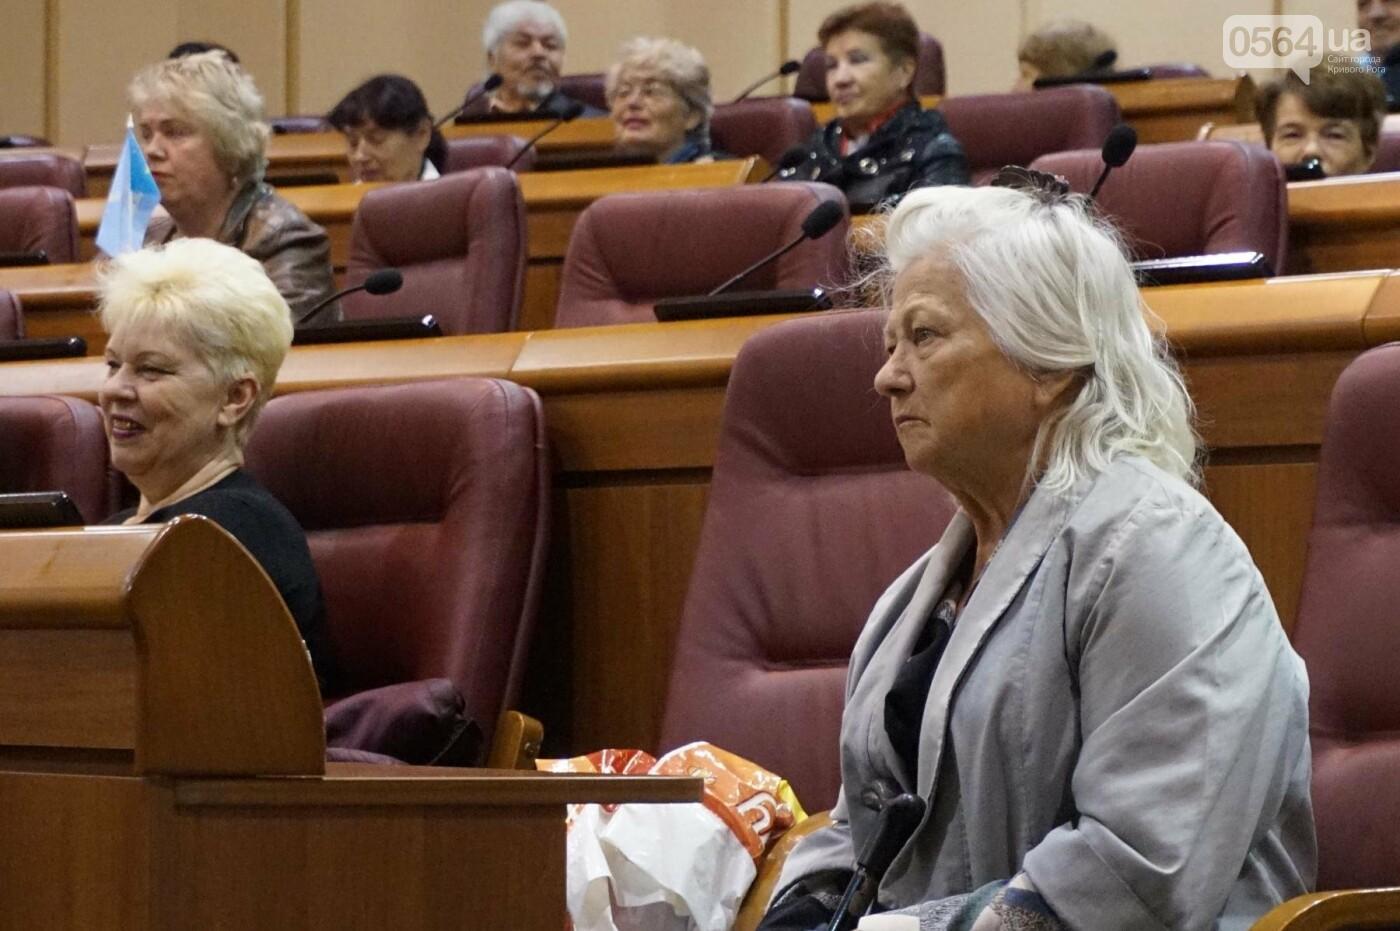 Экс-сотрудников Криворожского горисполкома поздравили с Днем пожилых людей (ФОТО), фото-22